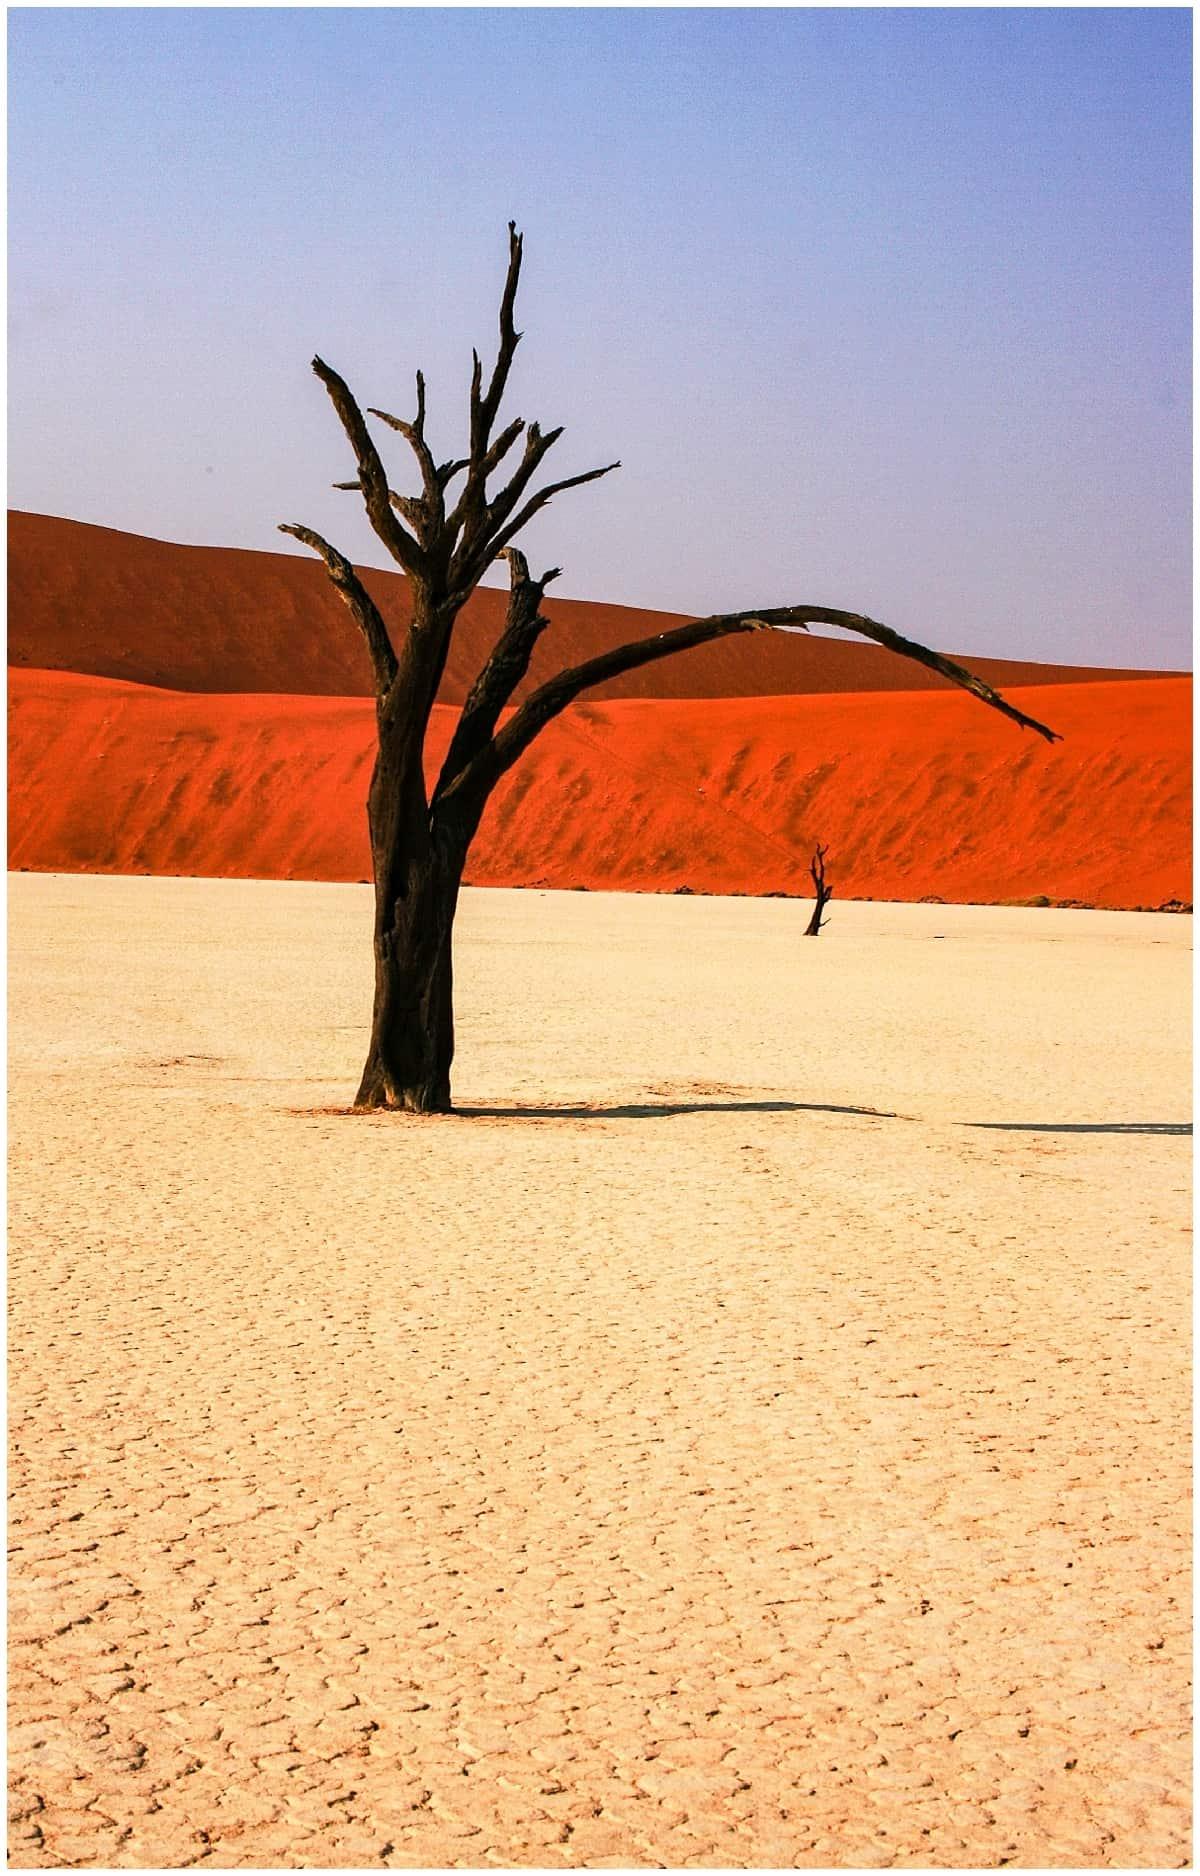 Dead trees in the Namib desert